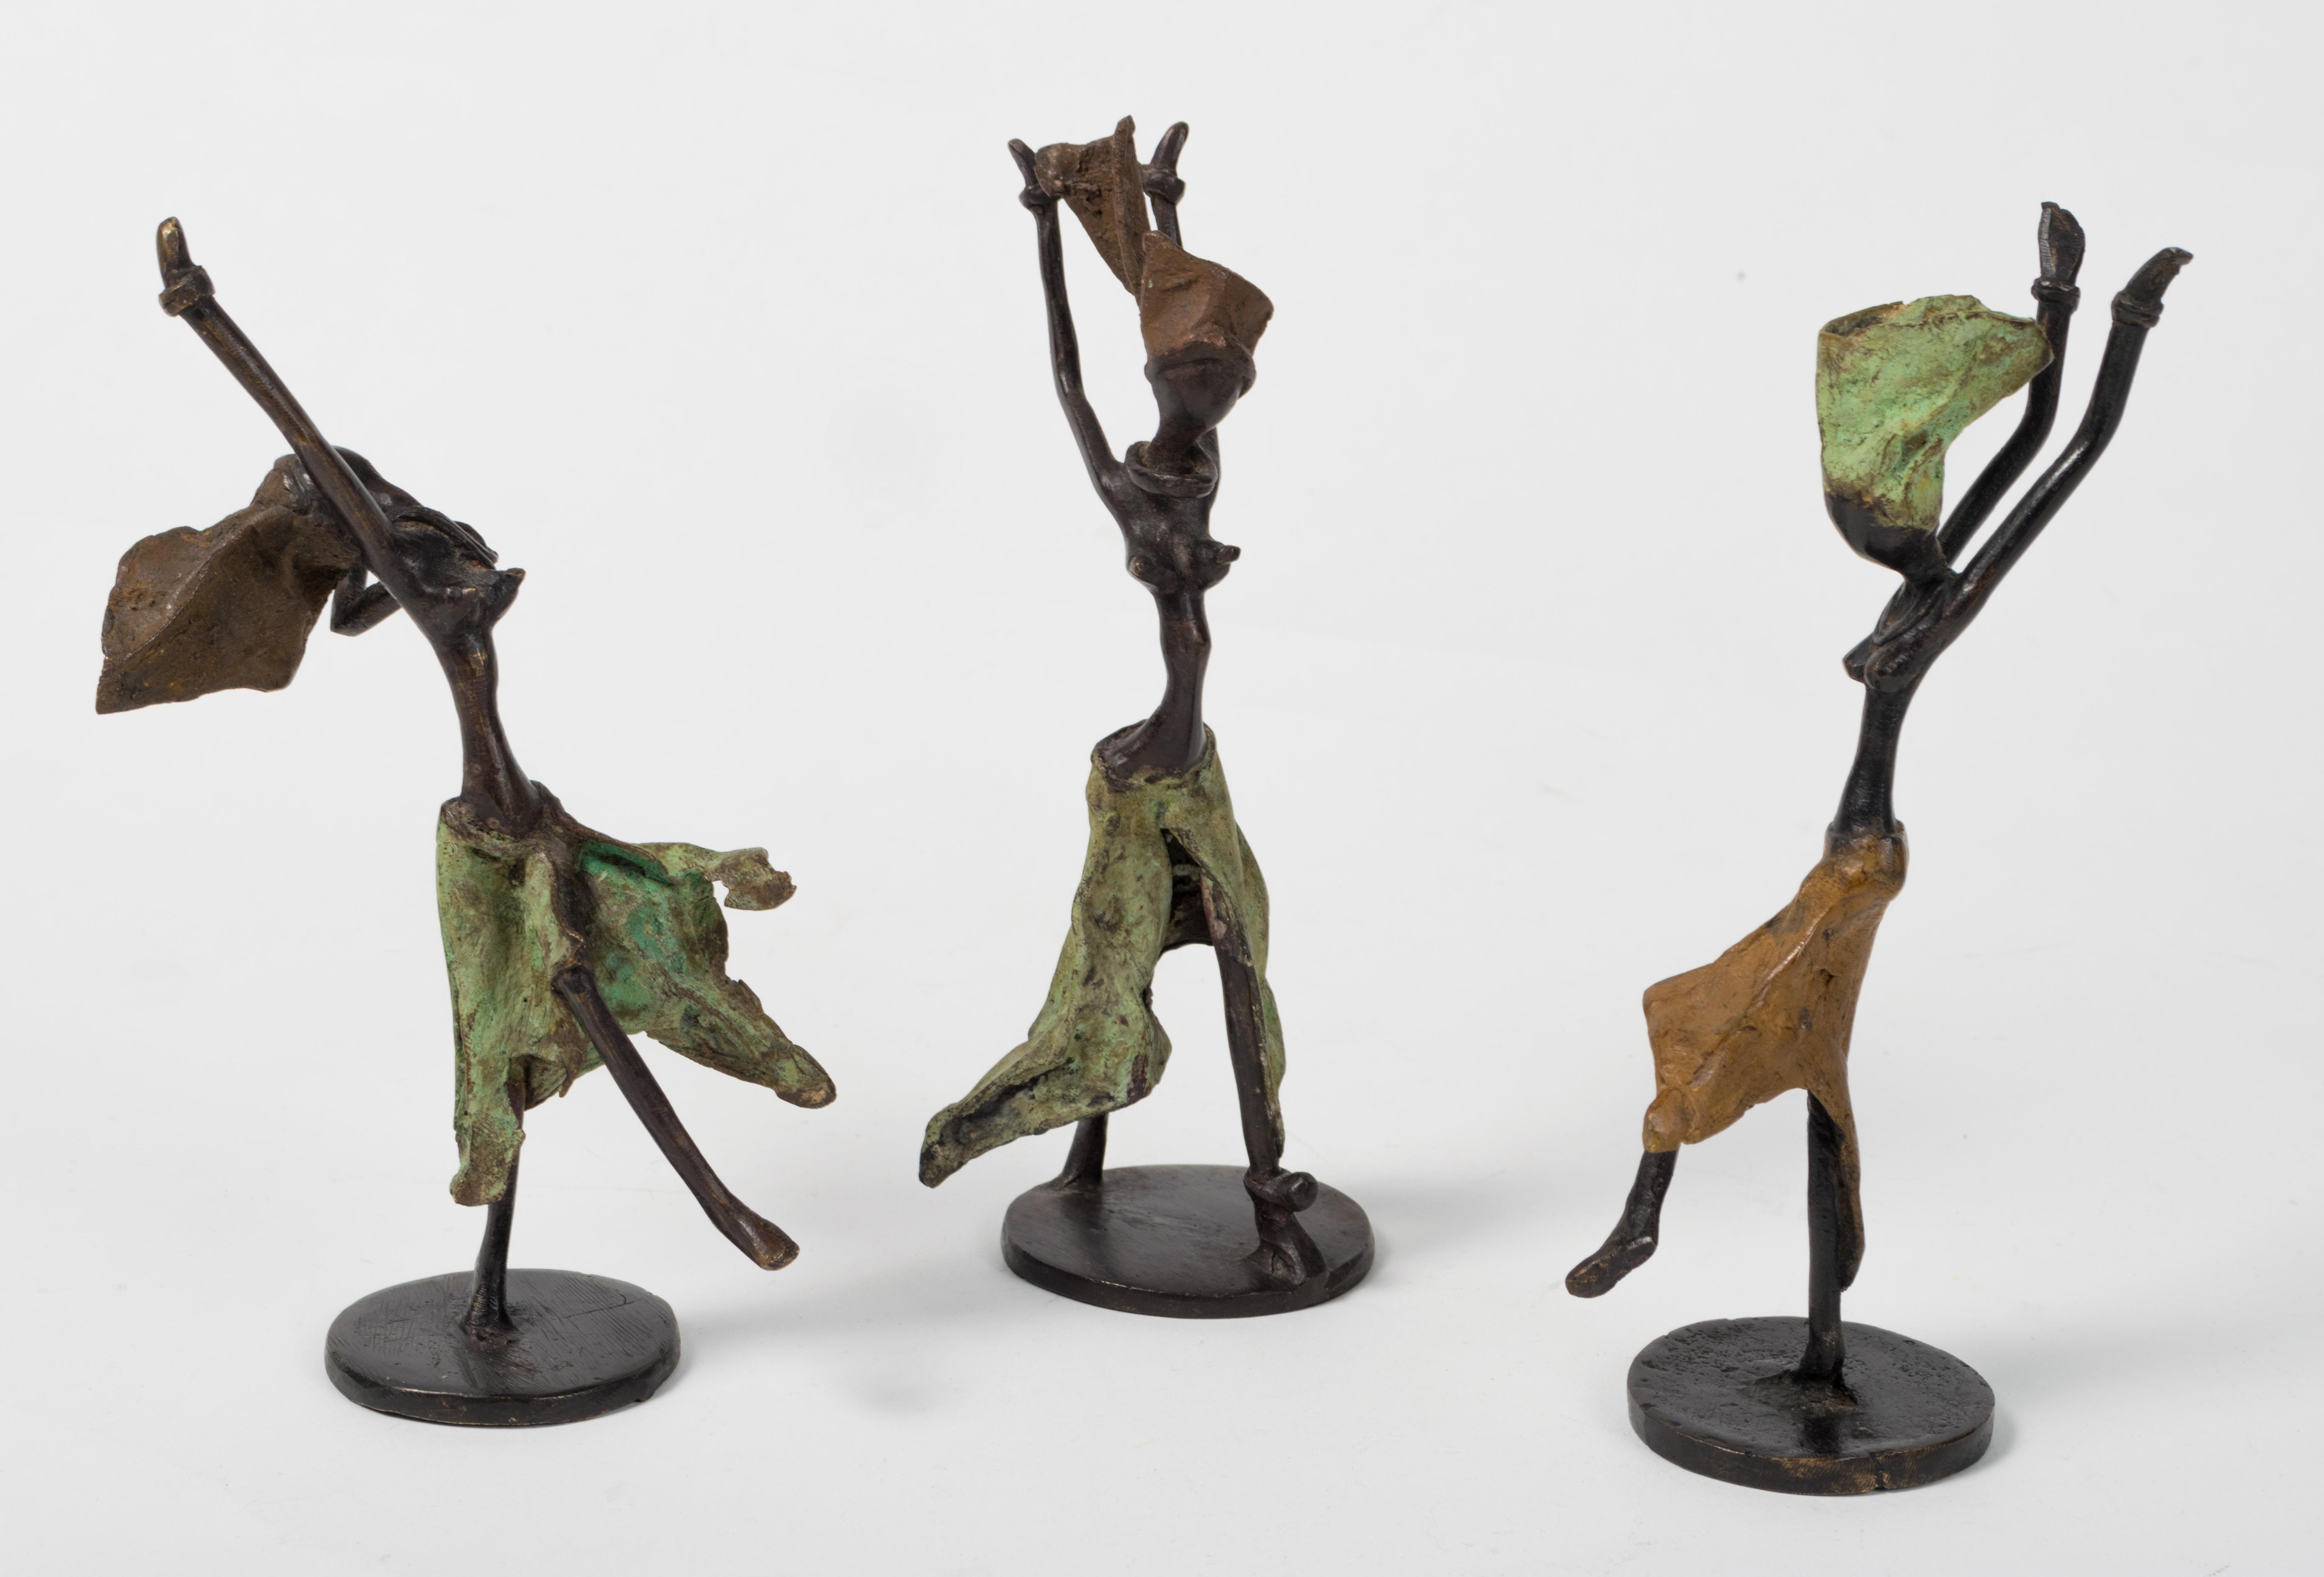 sculpture bronze